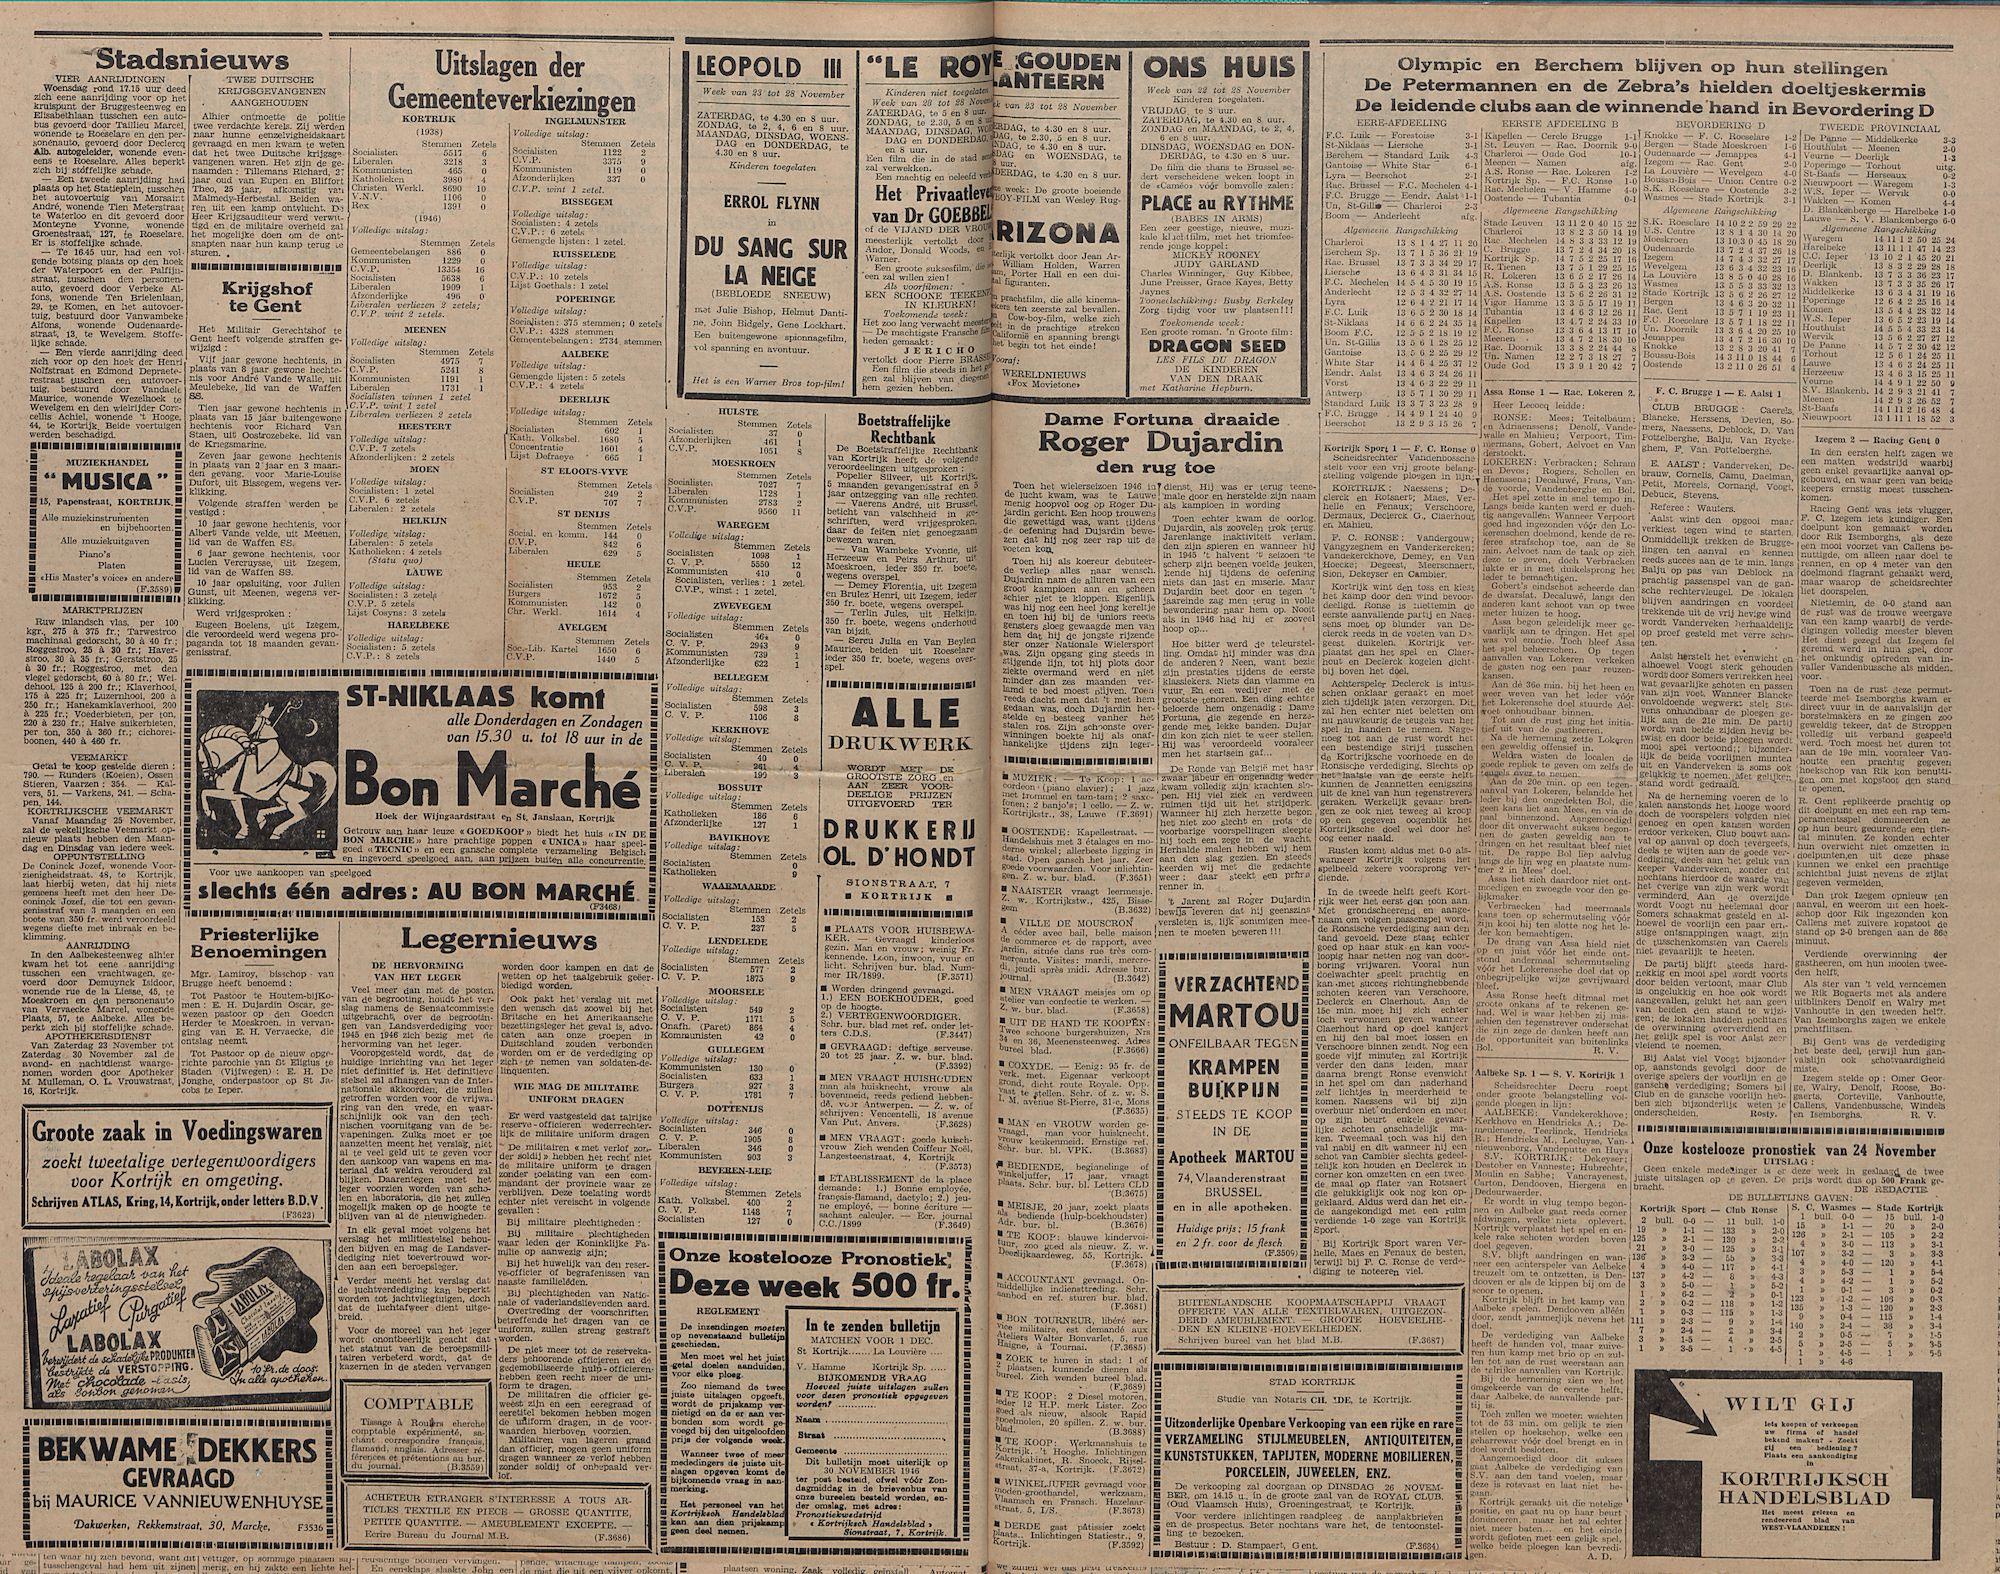 Kortrijksch Handelsblad 26 november1946 Nr95 p2-3